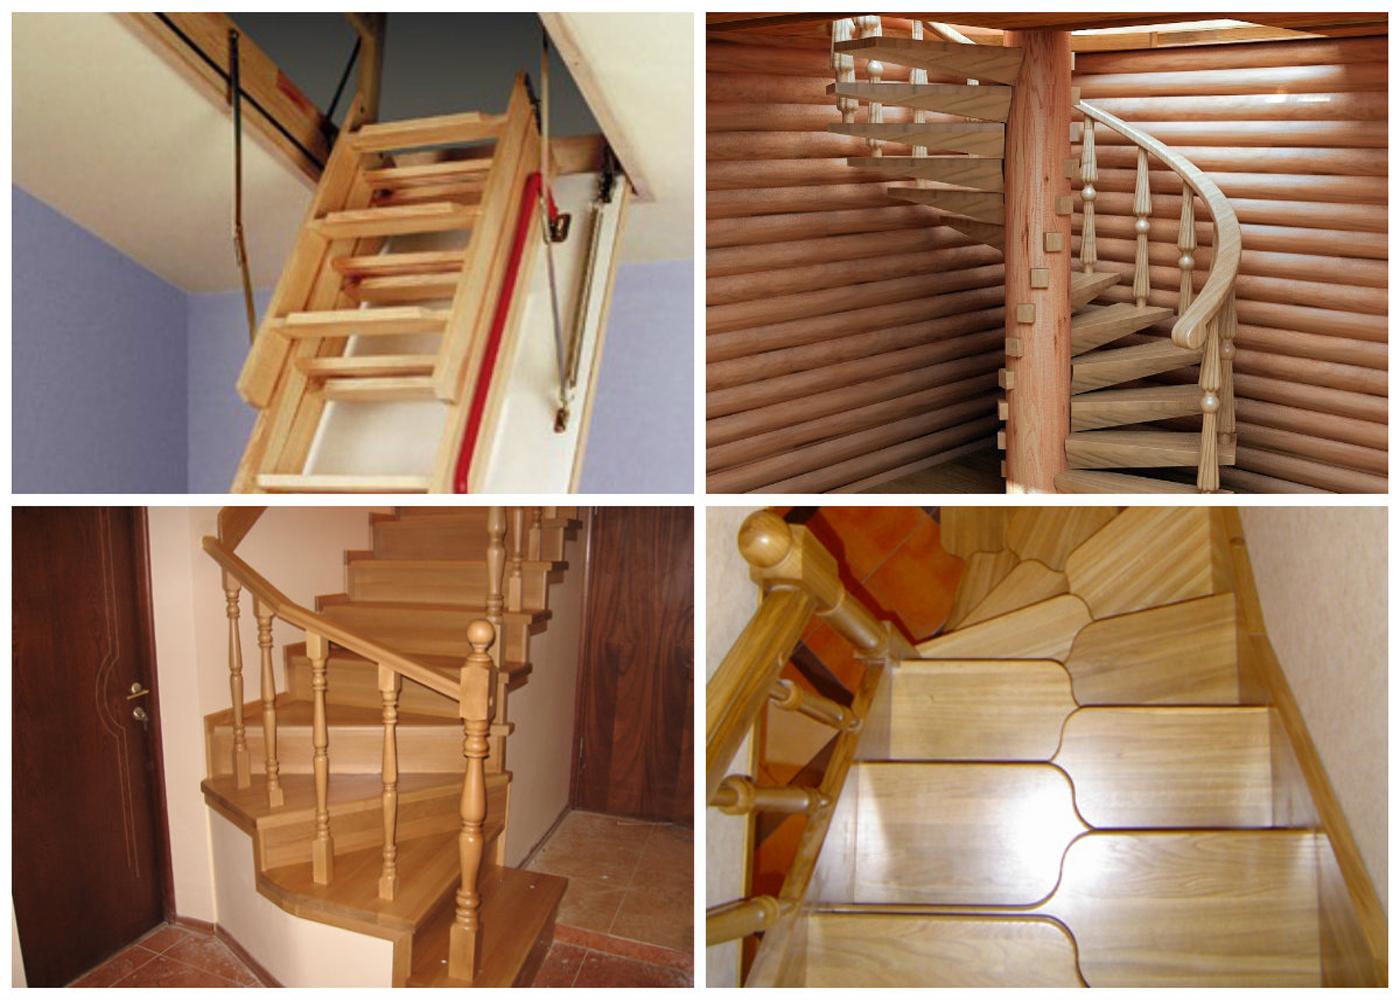 одной какую лестницу делают на второй этаж фото прежнего звания